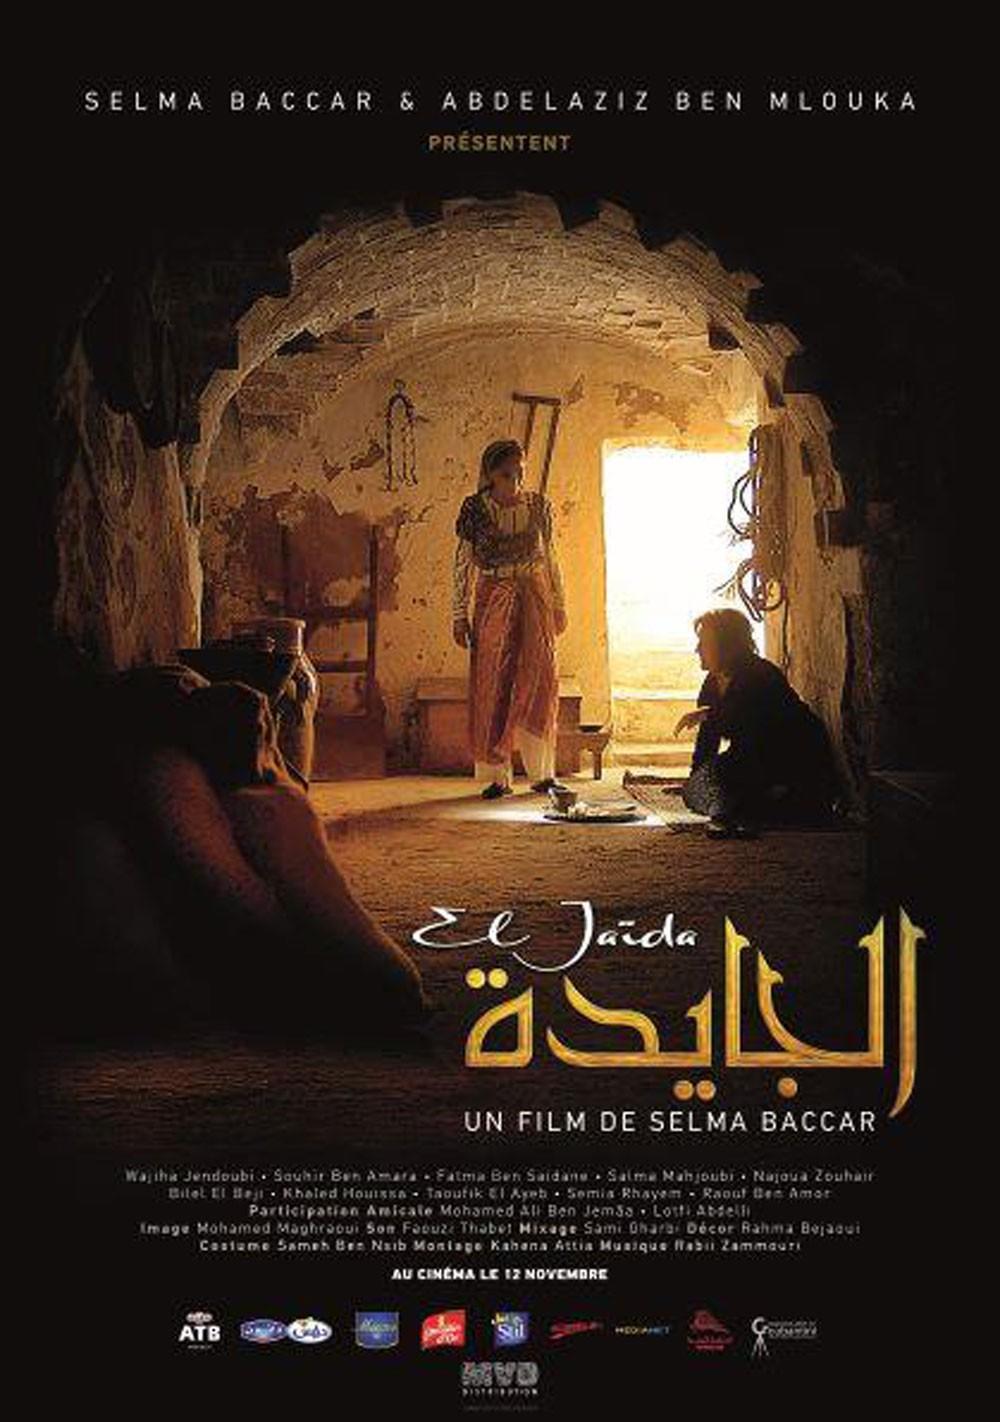 عرض فيلم الجايدة ضمن فعاليات مسرح وسينما إشبيلية